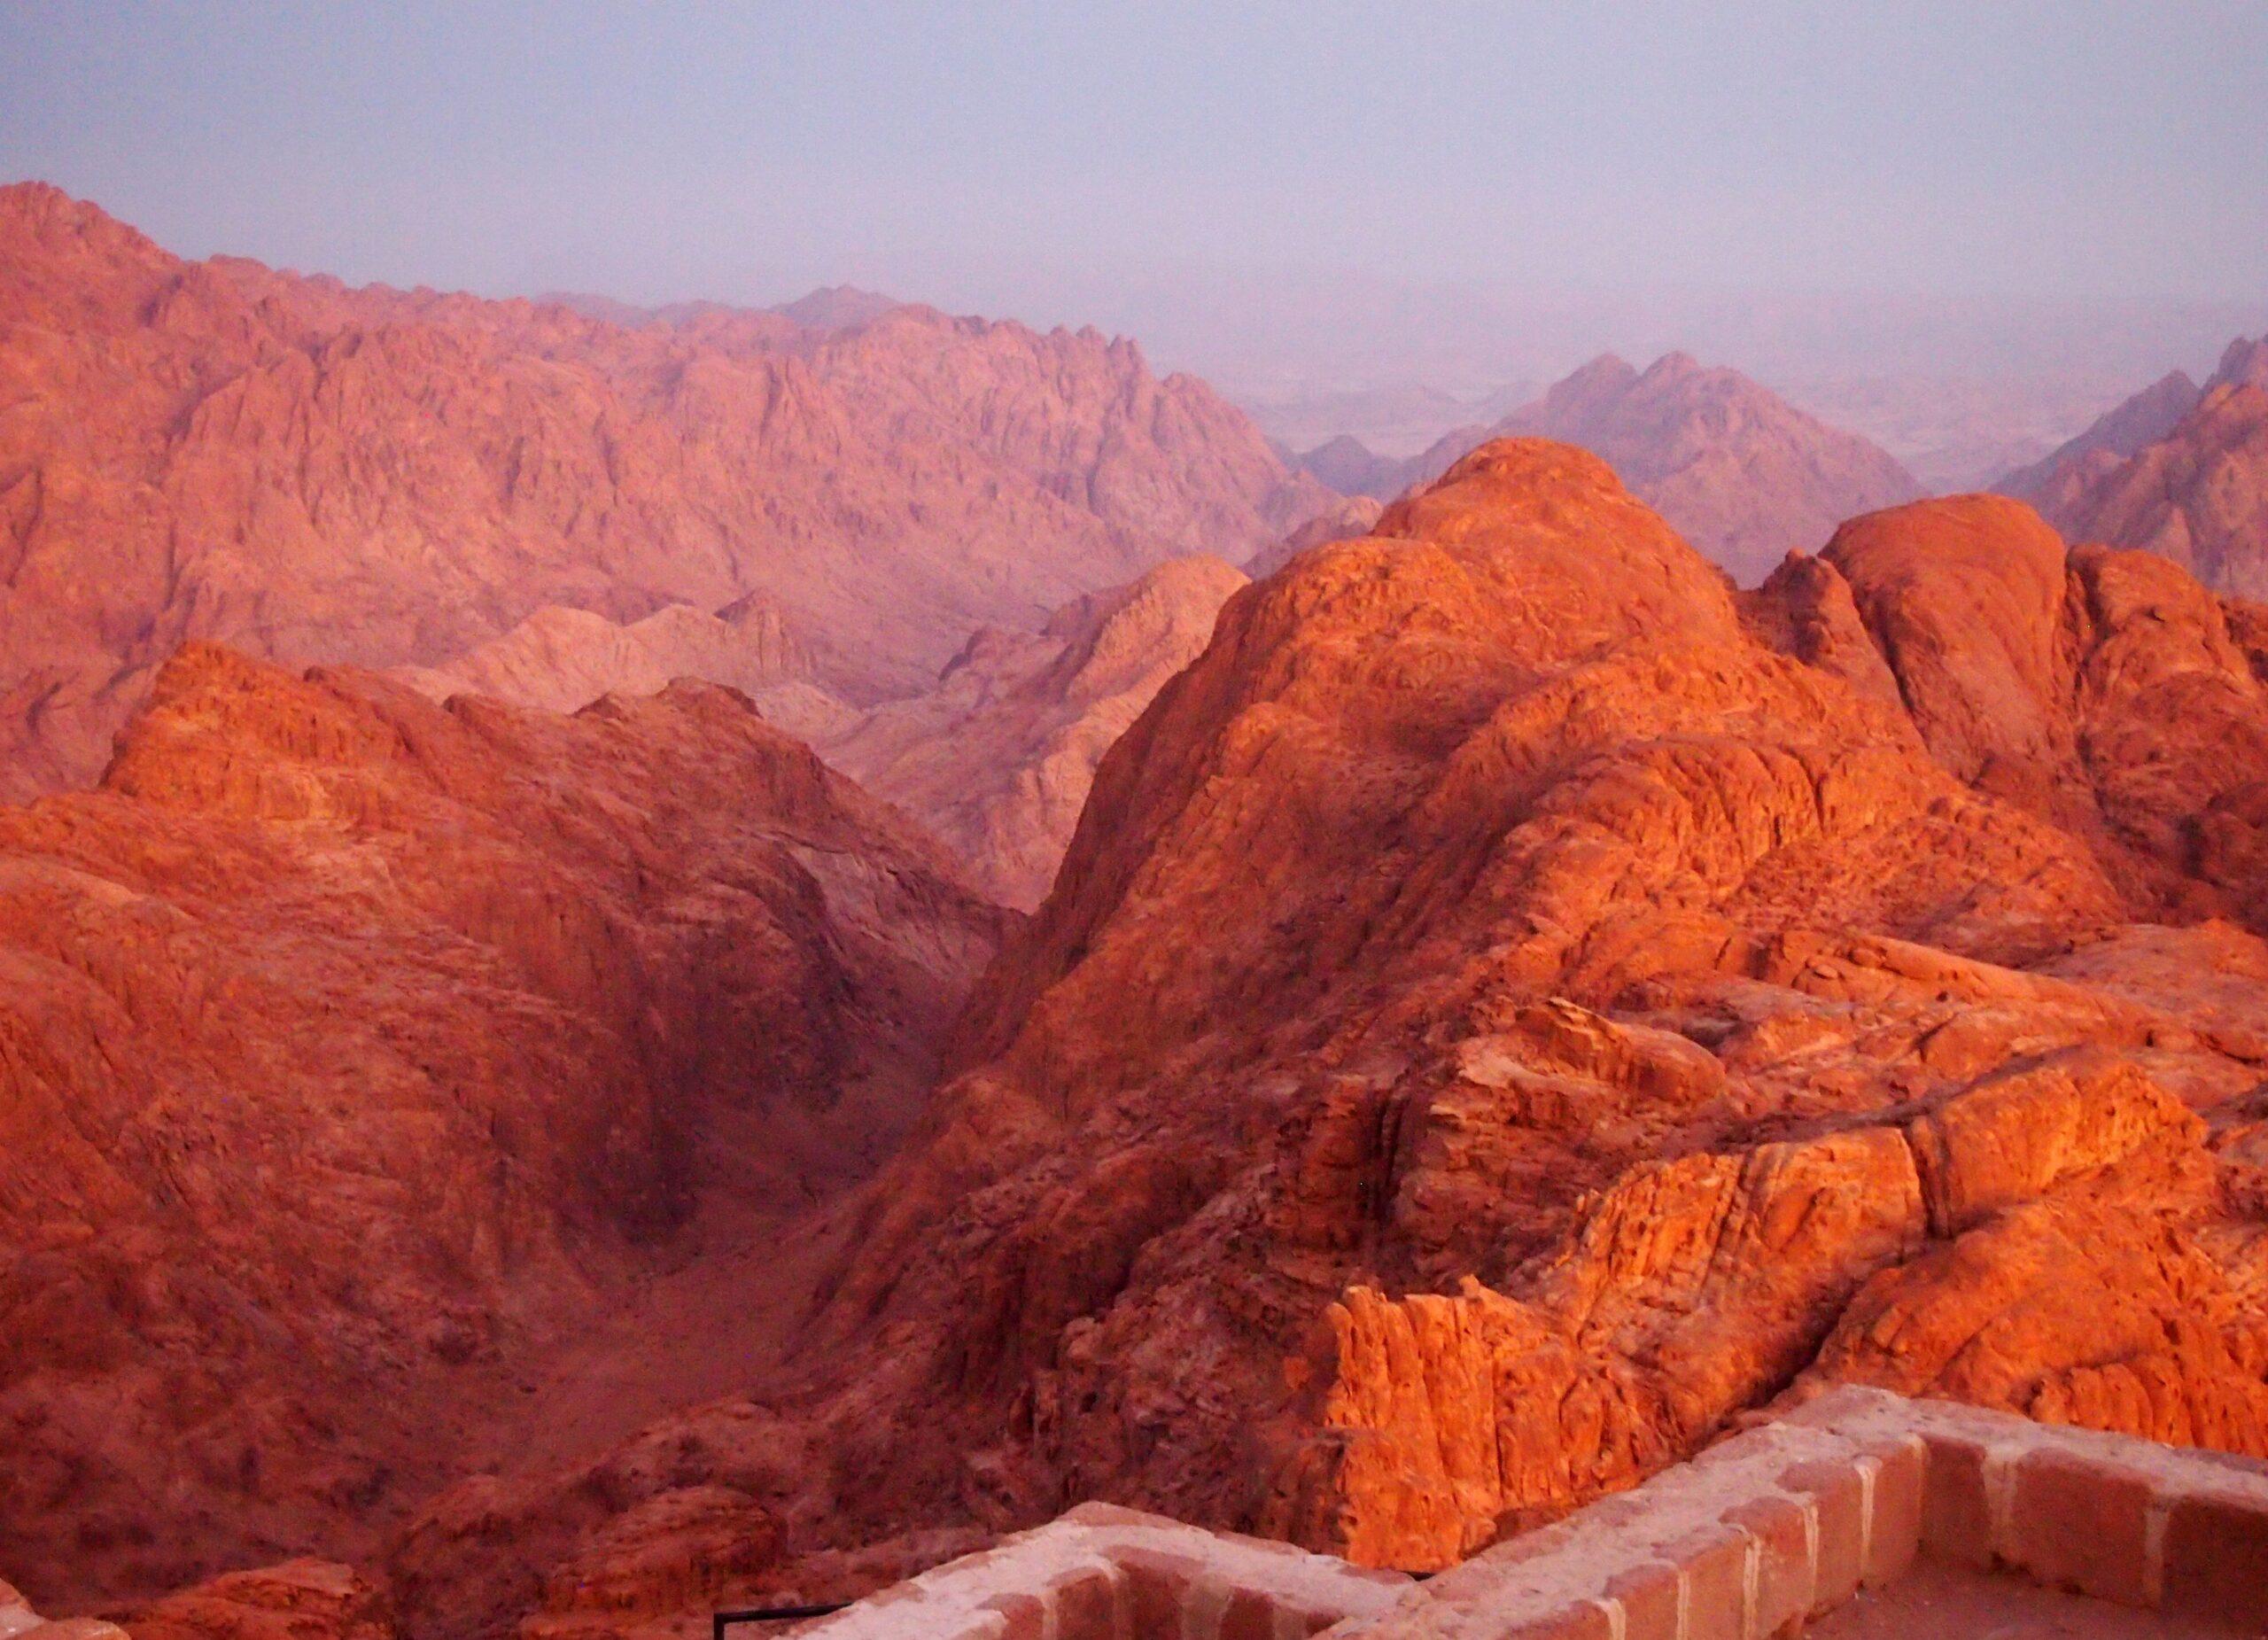 Pilgriming to Mt. Sinai